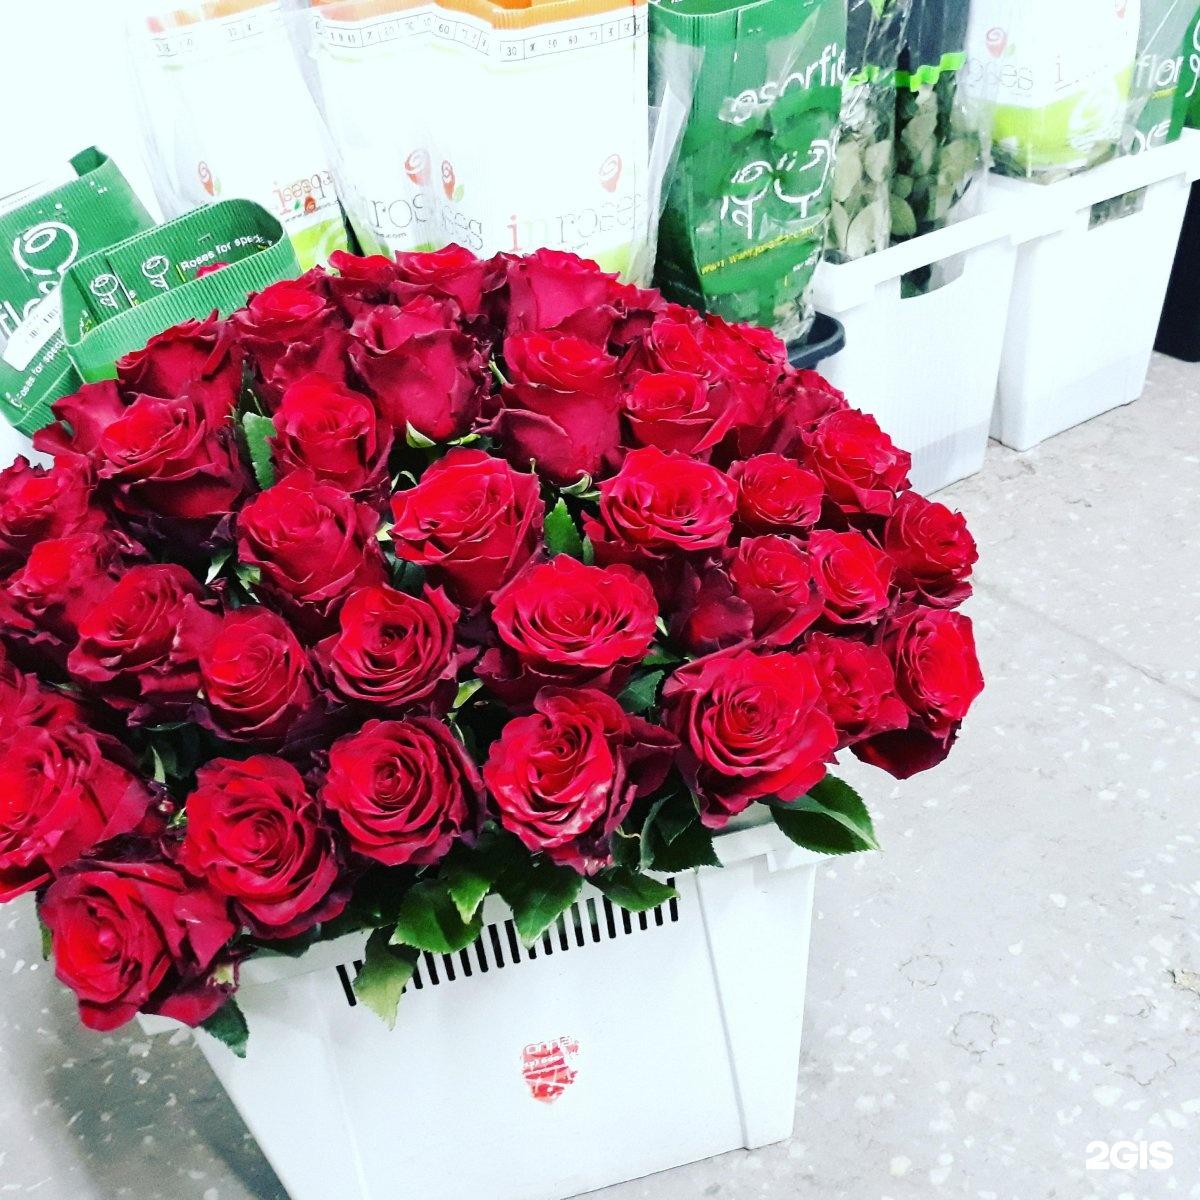 Доставка цветов г курган париж, букет